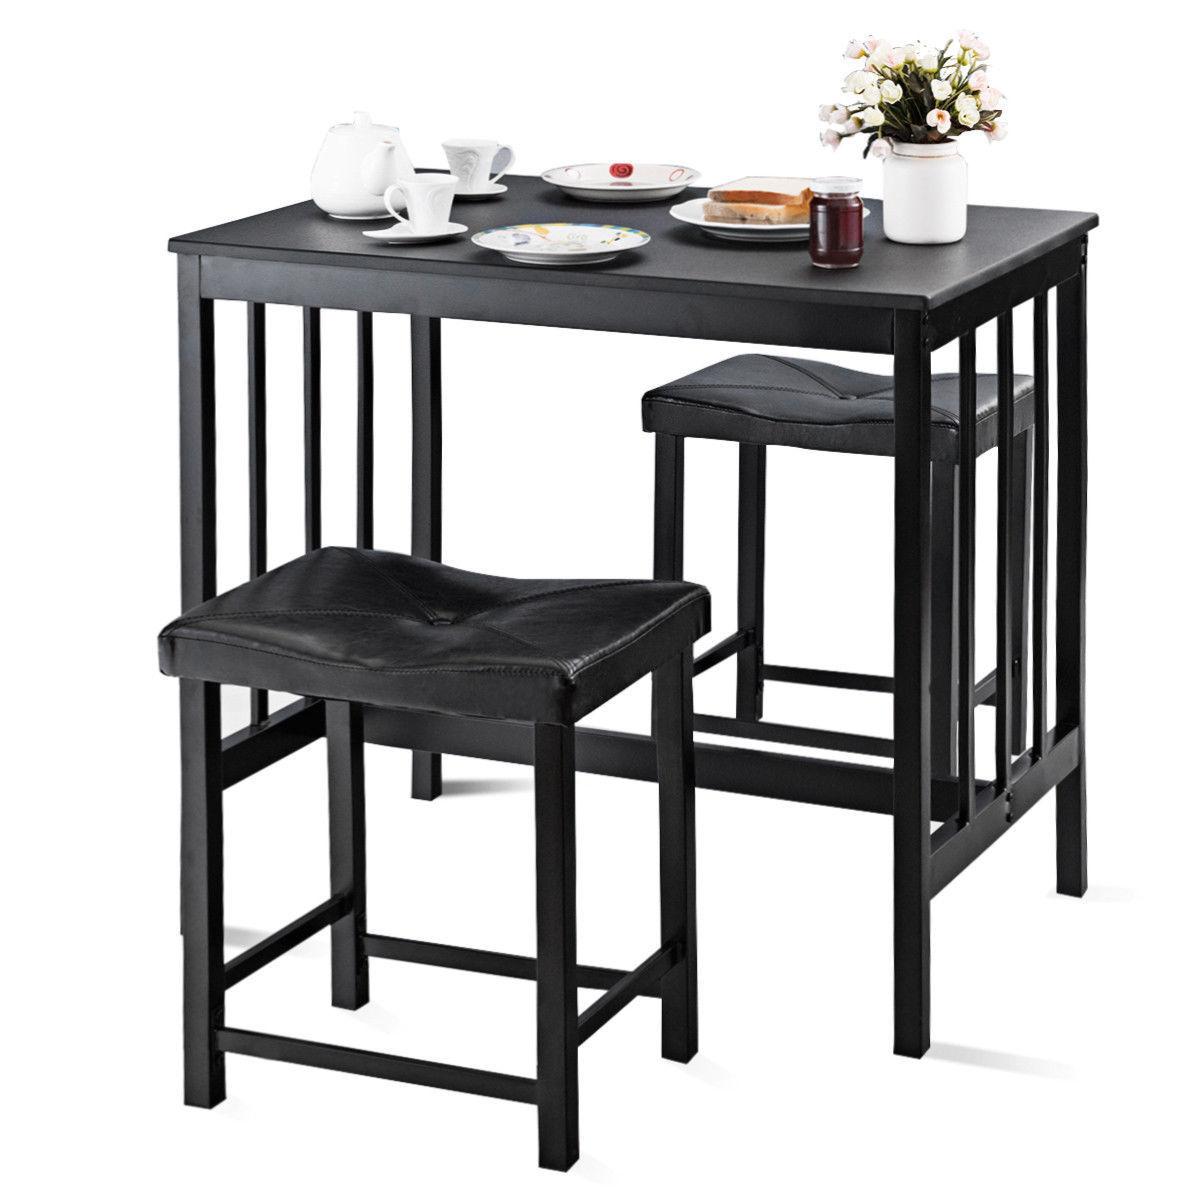 Costway 3 шт. Современный счетчик высоты обеденный стол и 2 стула кухня барная мебель